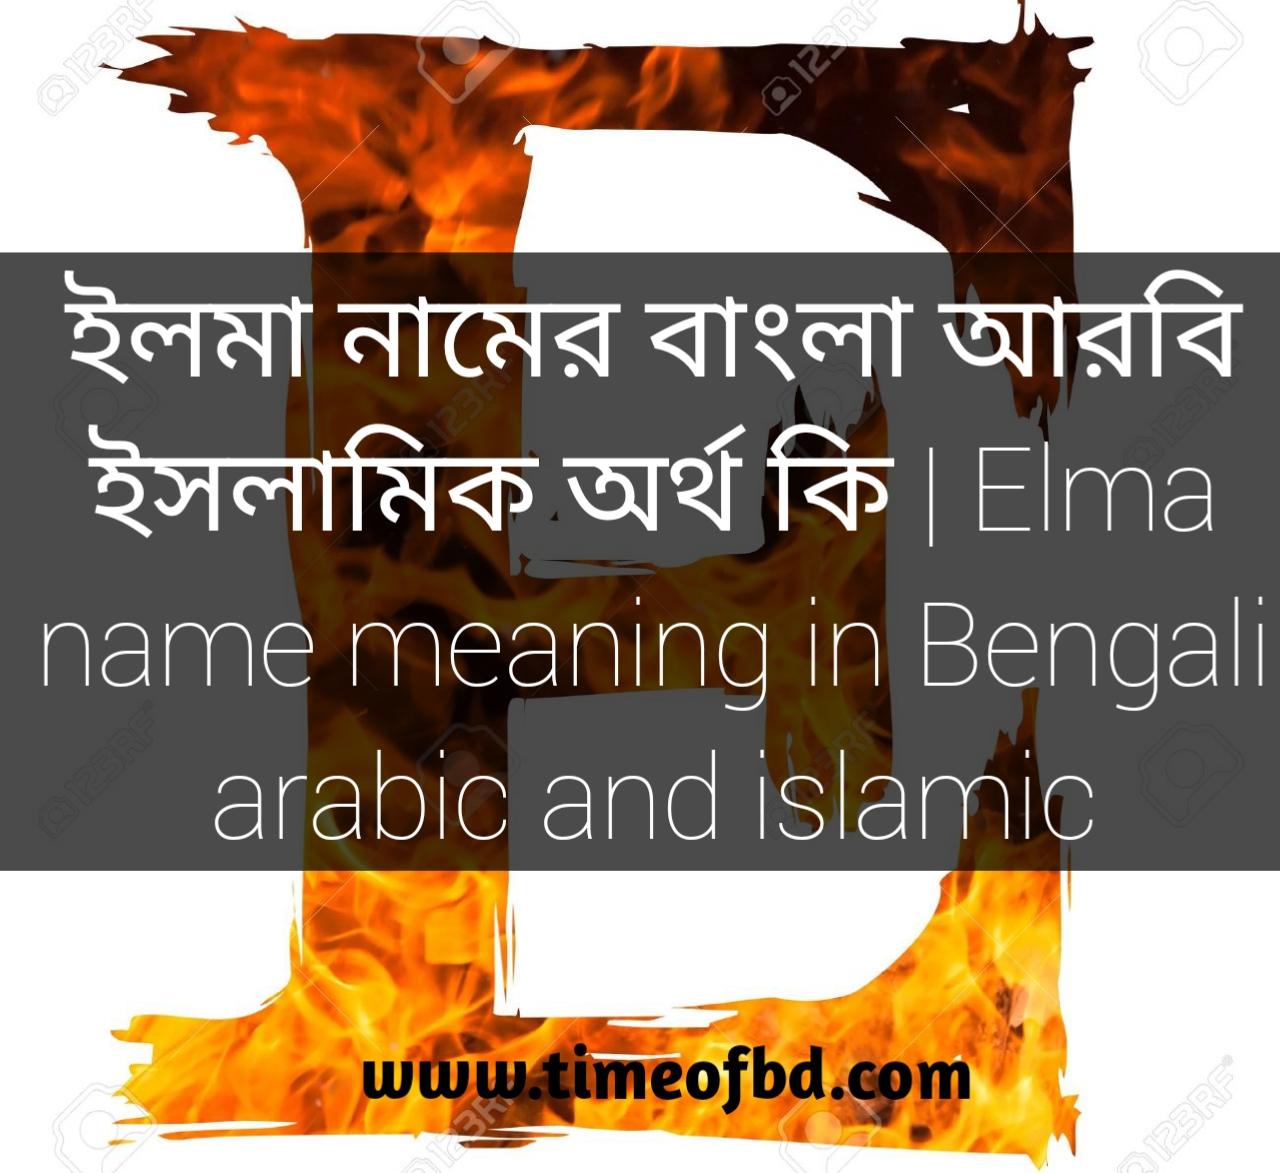 ইলমা নামের অর্থ, ইলমা নামের ইসলামিক অর্থ, ইলমা নামের বাংলা অর্থ, ইলমা নামের ইসলামিক অর্থ কি, ইলমা নামের অর্থ কি, ইলমা নামের আরবি অর্থ কি, ইলমা নামের বাংলা অর্থ কি,